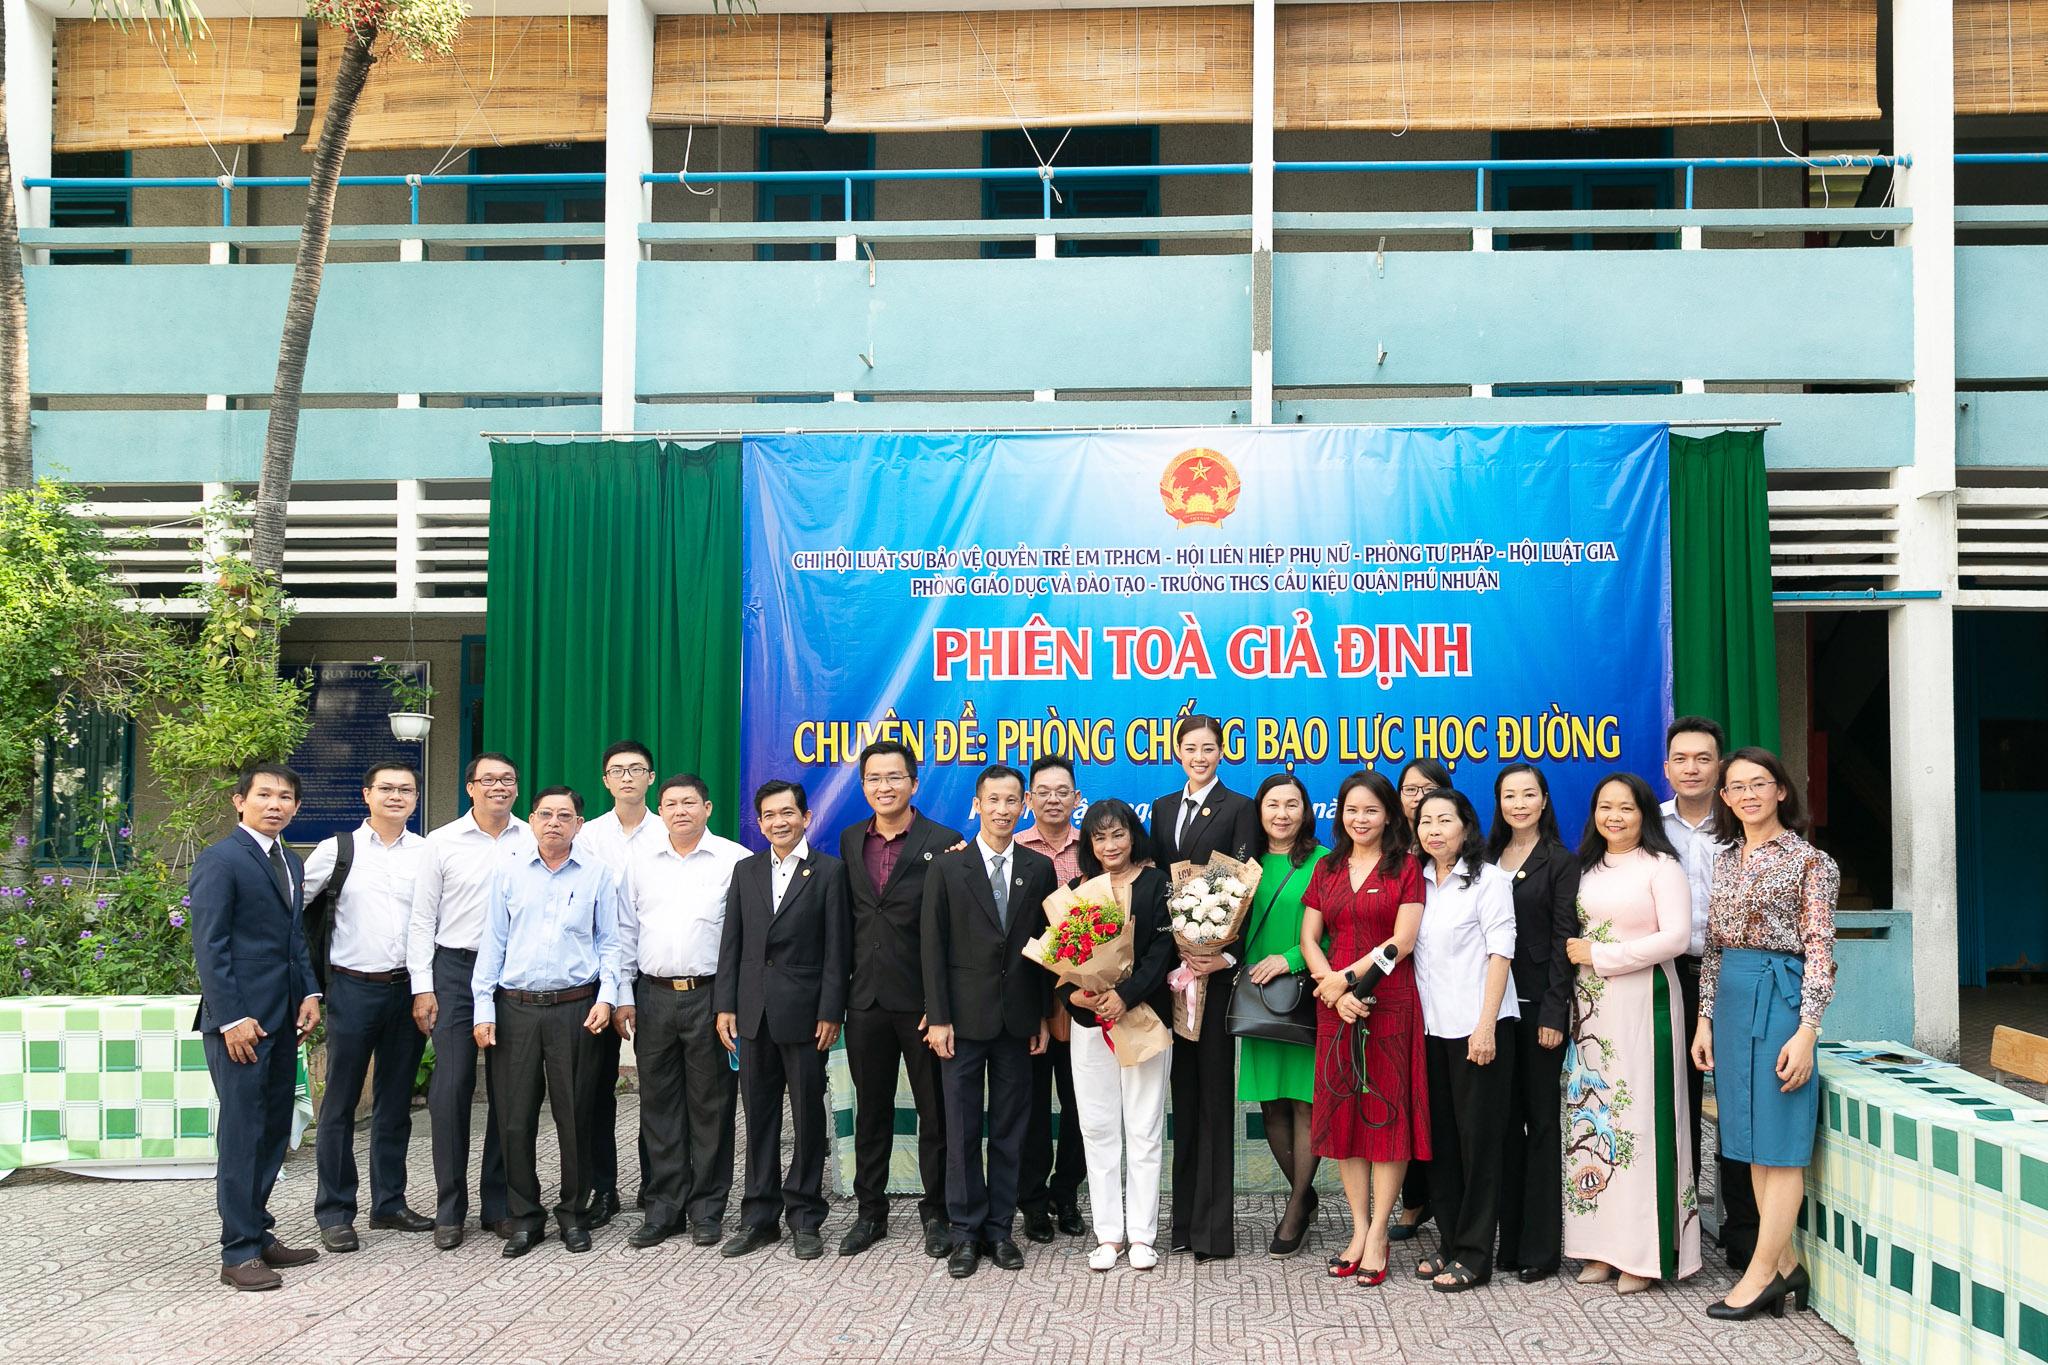 Hoa Hau Khanh Van_Phien toa gia dinh (55)